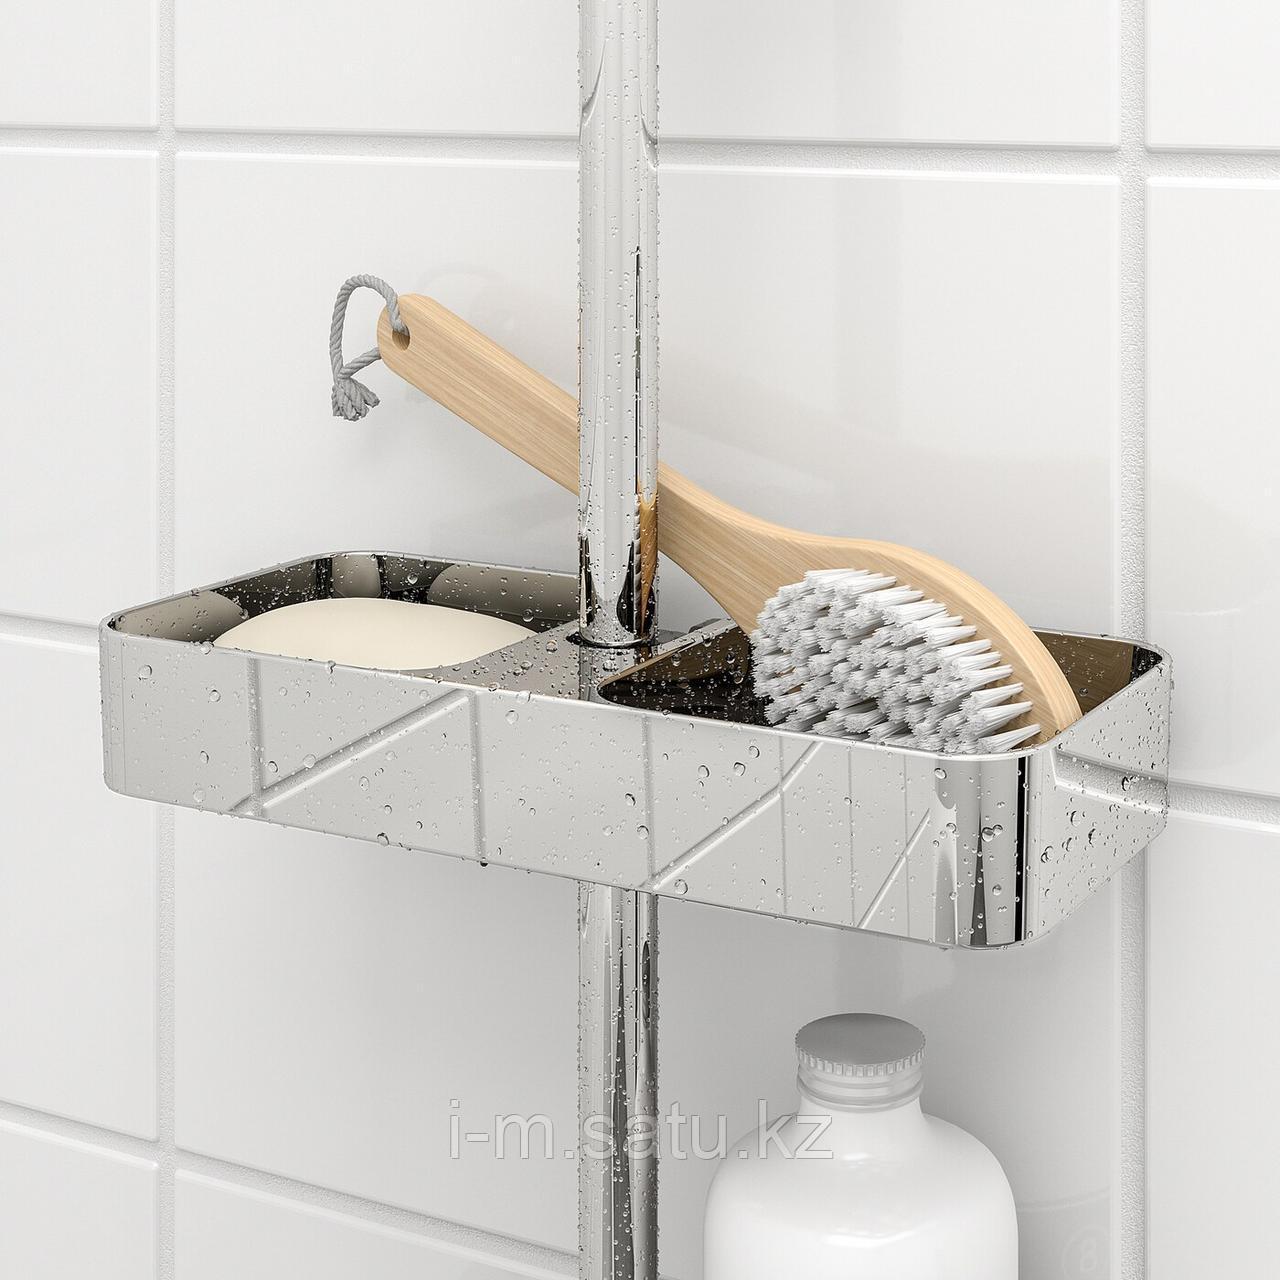 БРОГРУНД Полка для ванной, хромированный, 25x4 см